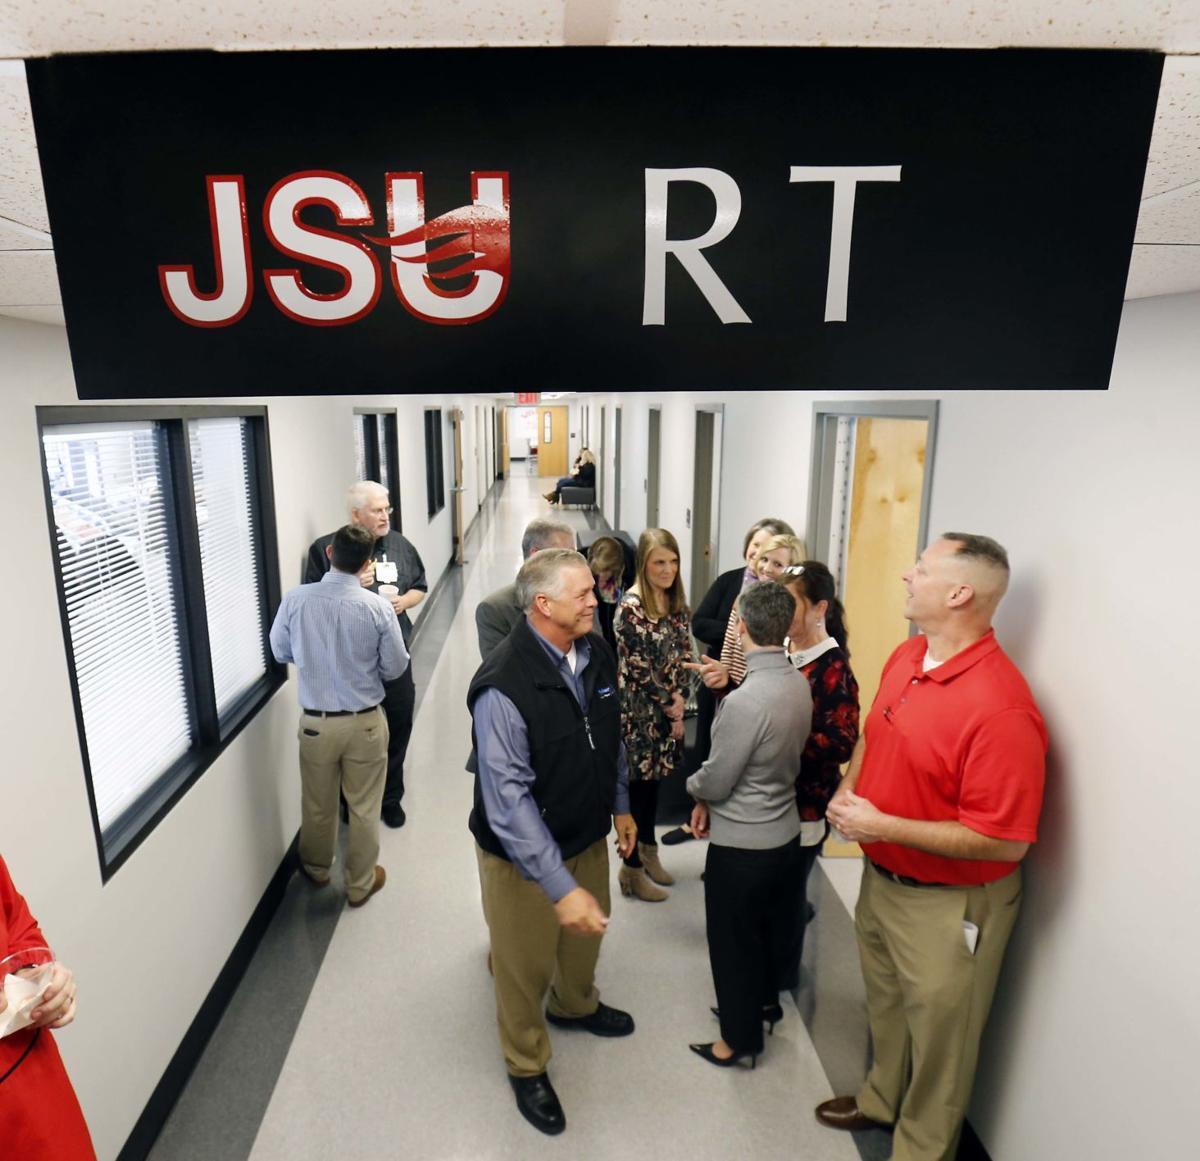 JSU RT